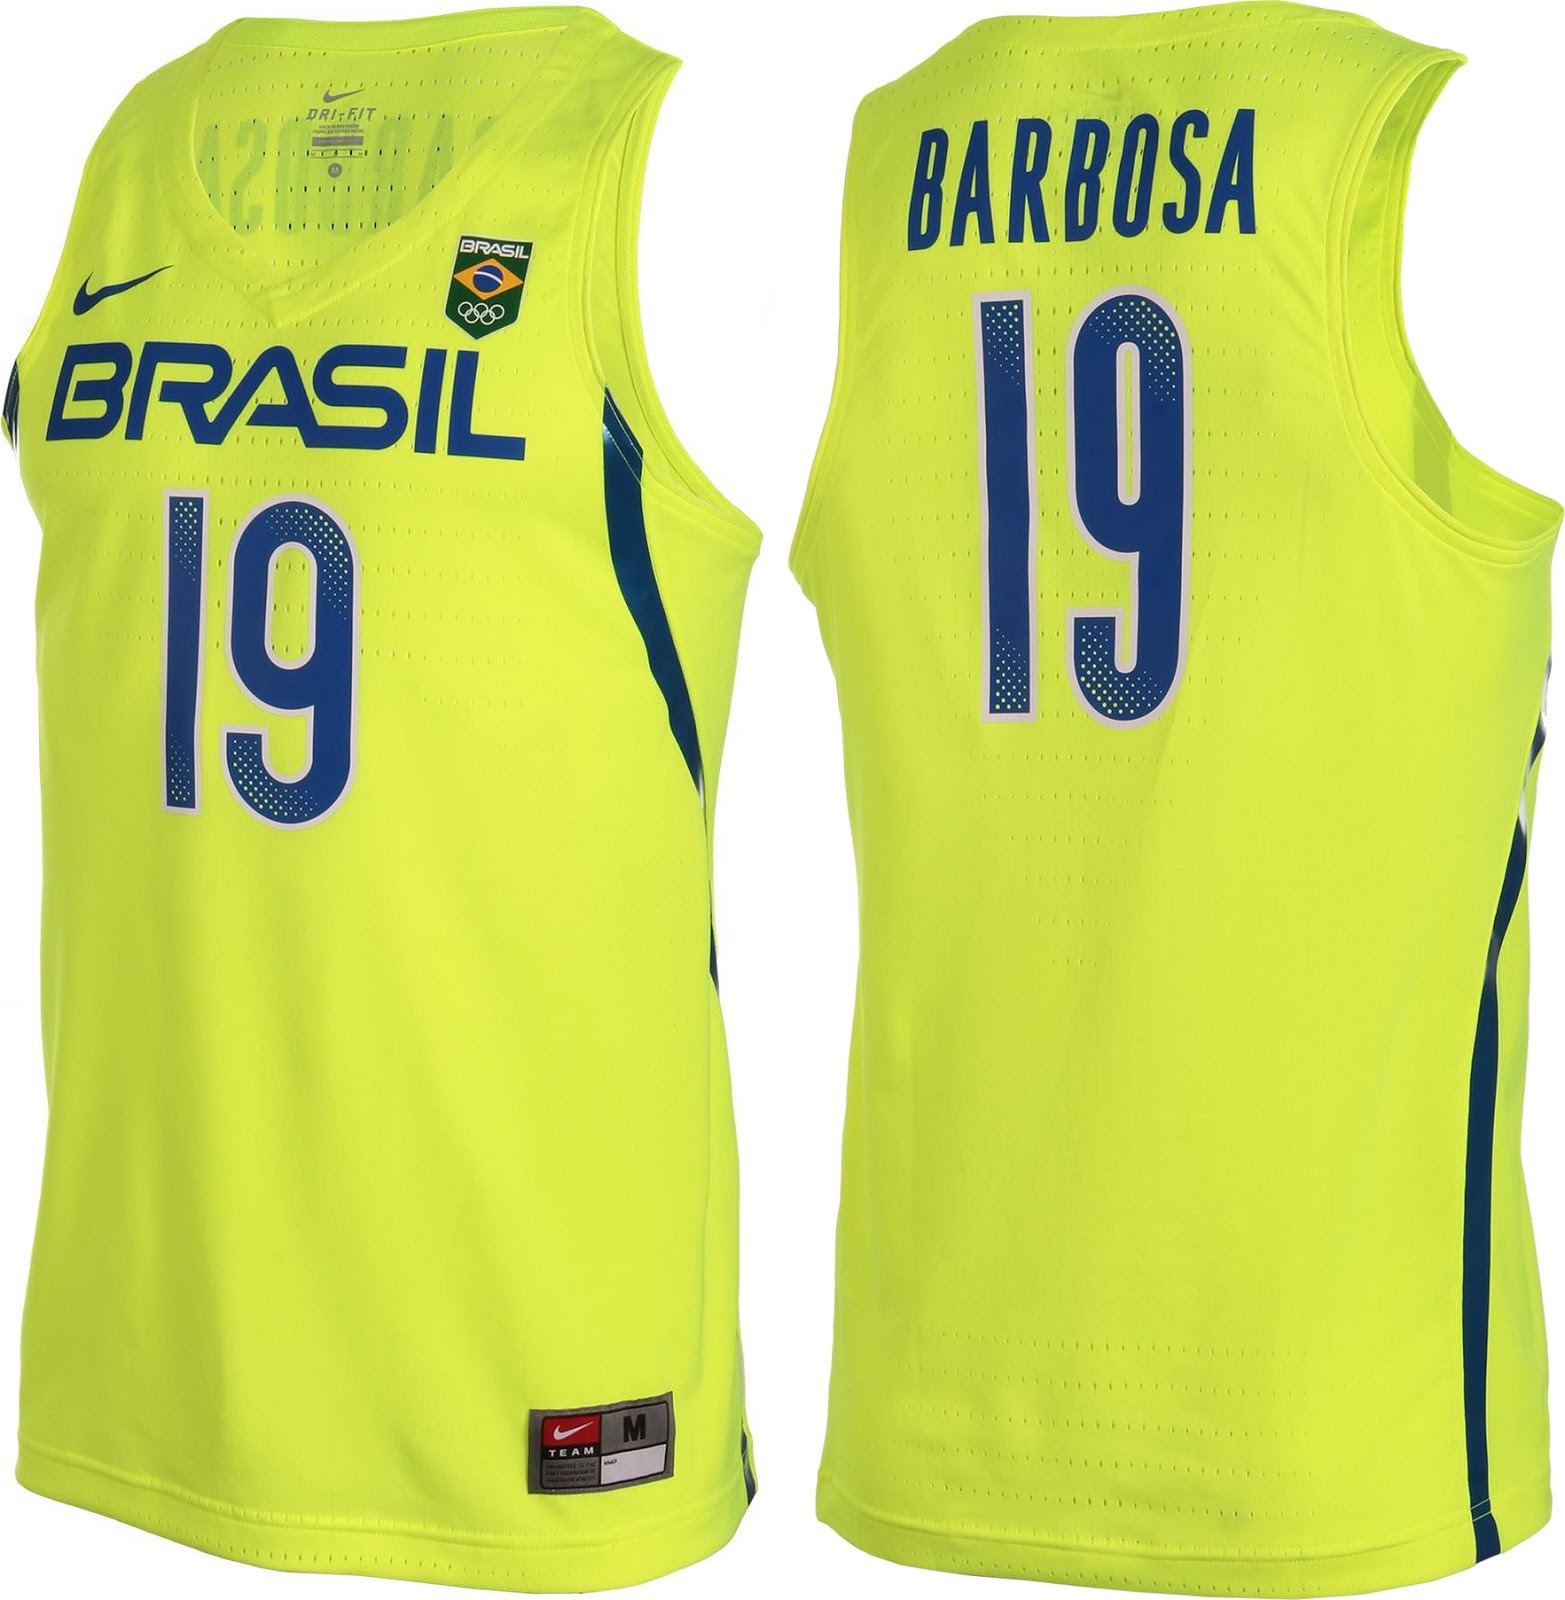 a657a4cac7 Nike lança uniformes de basquete do Brasil para Rio 2016 - Show de Camisas